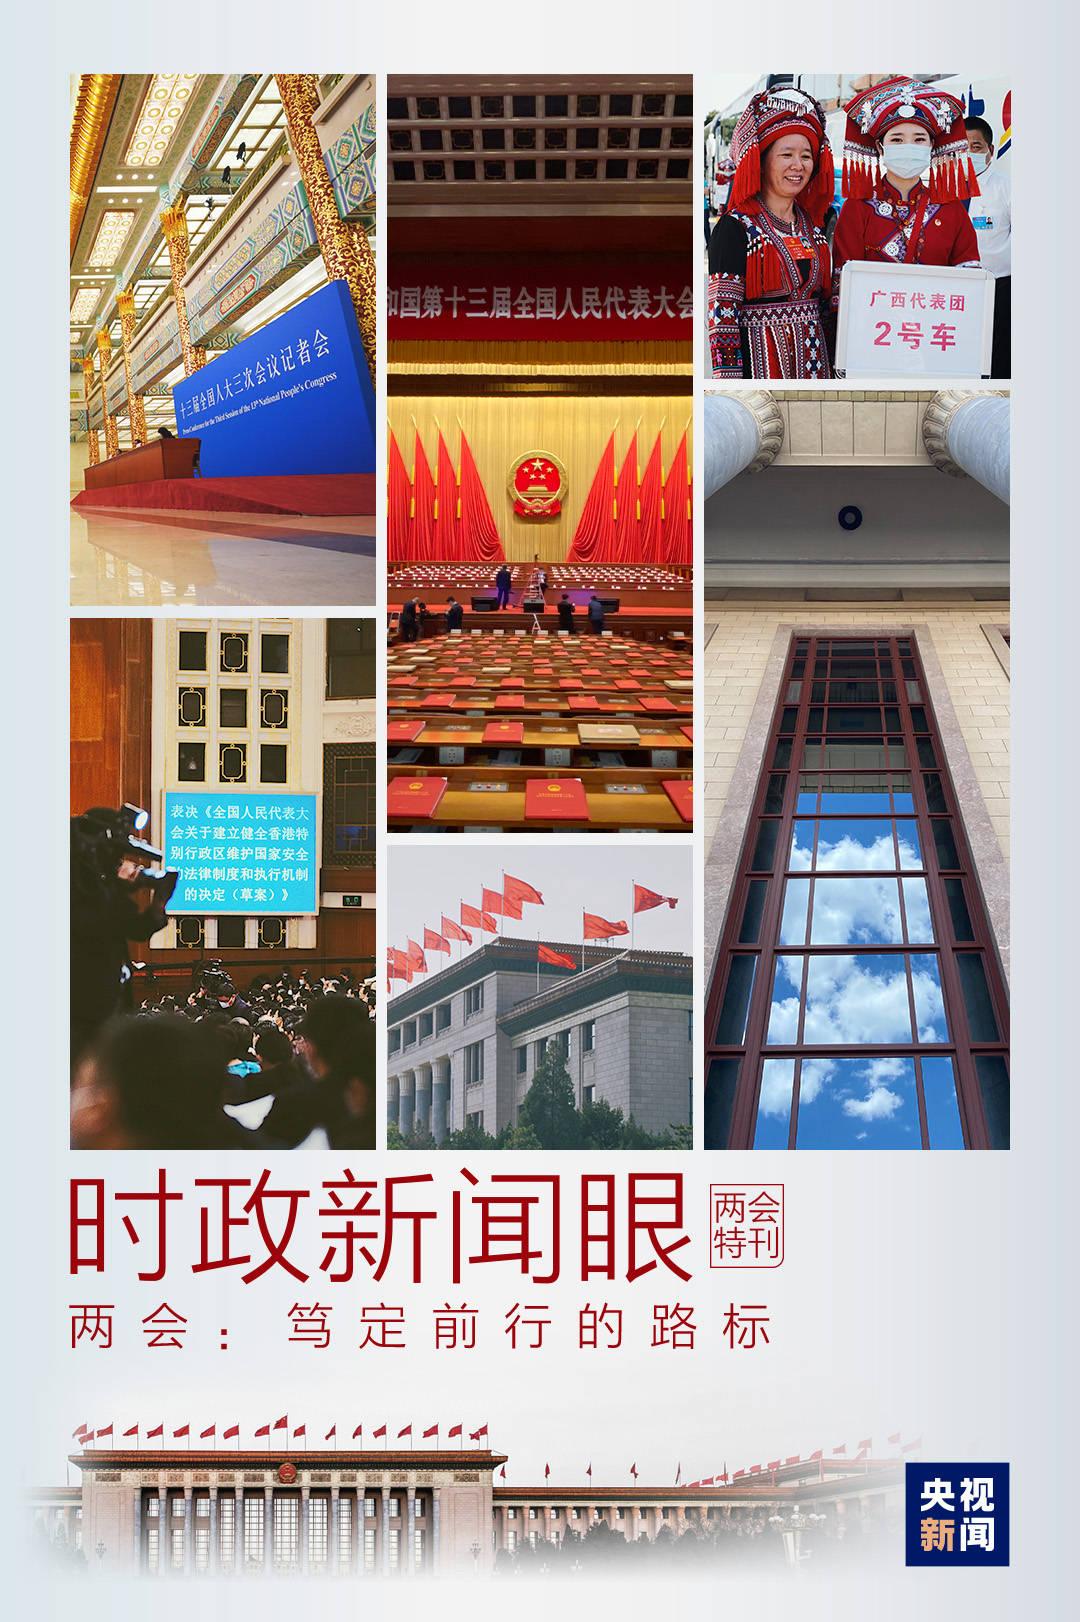 特殊时期的天下两会,立起中国笃定前